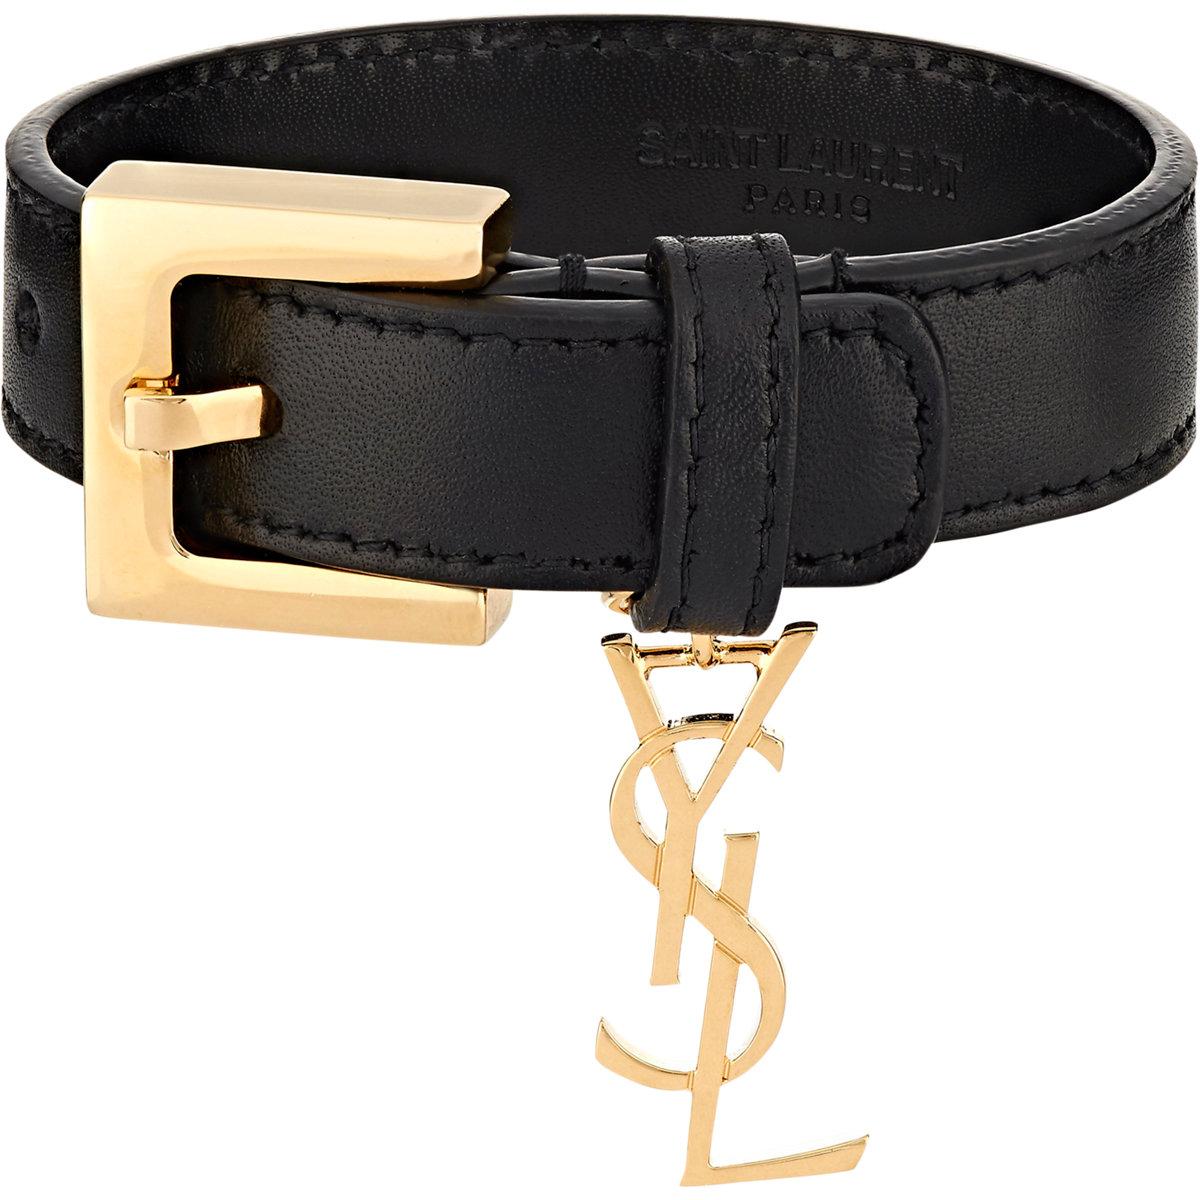 saint laurent ysl monogram charm bracelet in black lyst. Black Bedroom Furniture Sets. Home Design Ideas